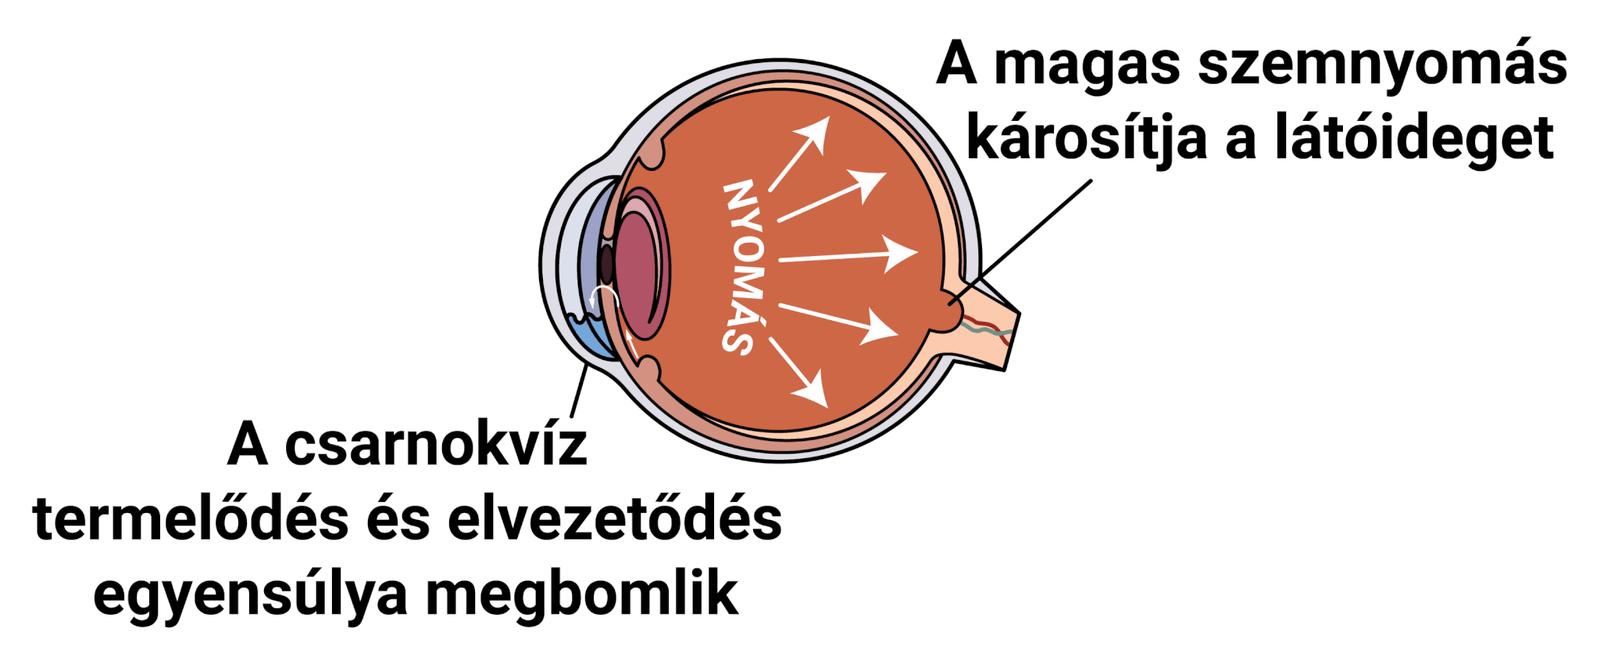 látásvesztés, fejfájás